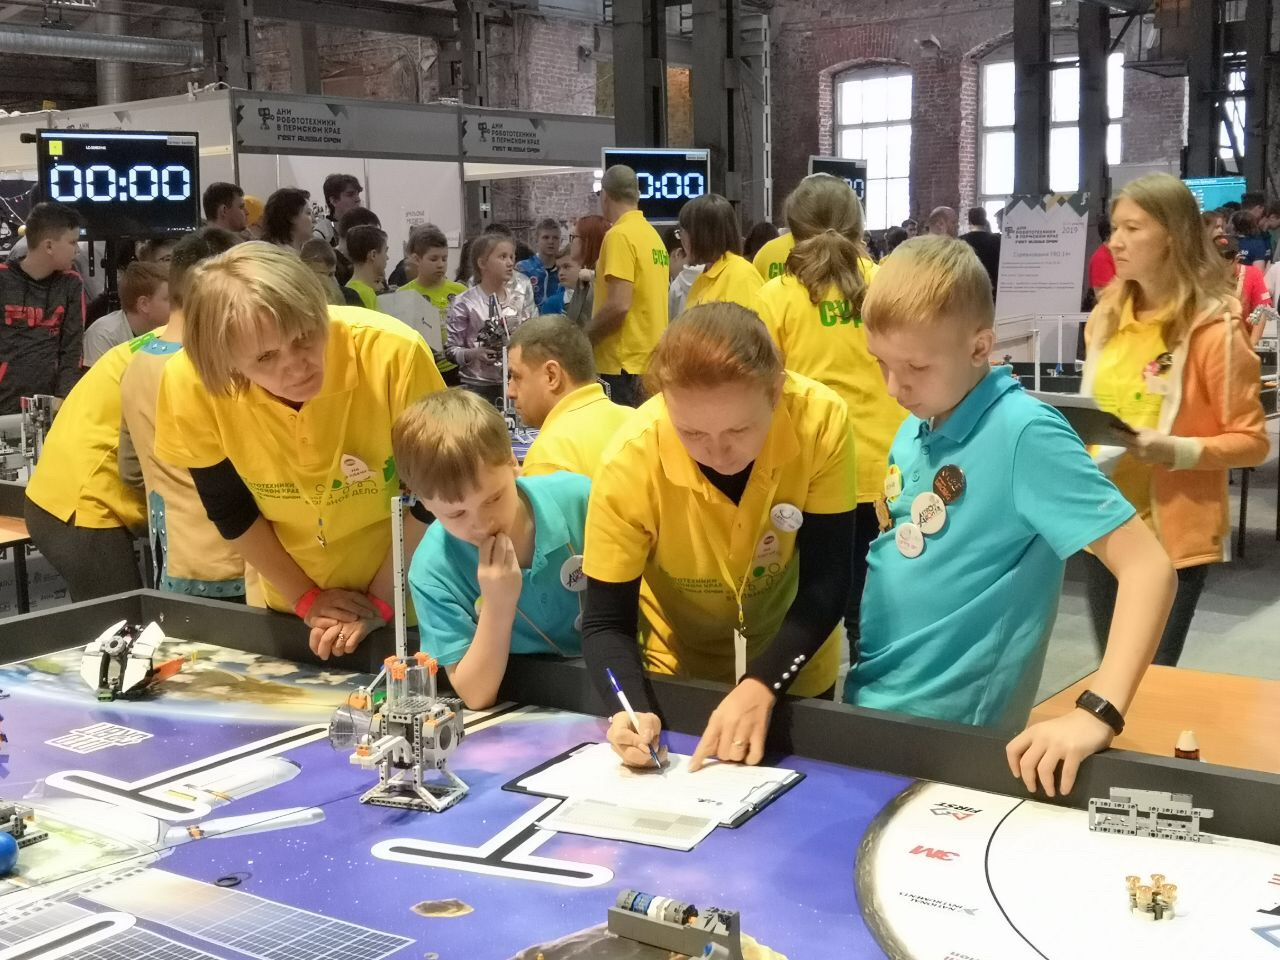 Миссию на Луну считать выполненной, но не завершенной. Итоги пермского фестиваля робототехники